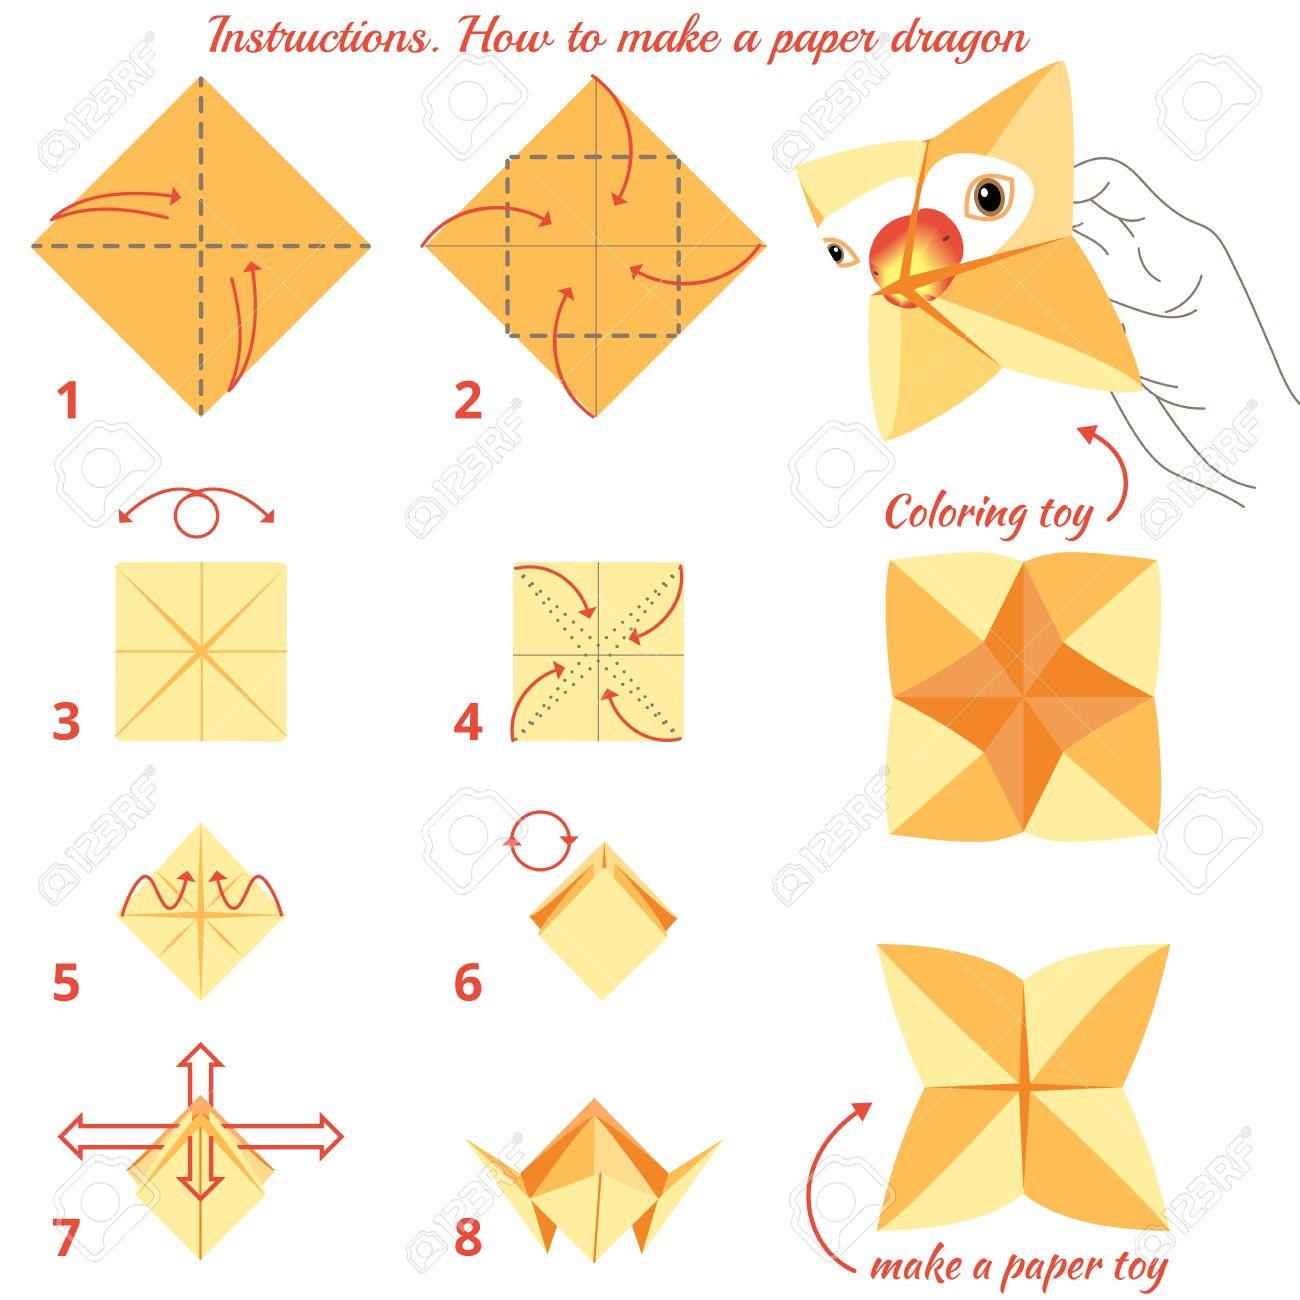 Instrucciones De Cómo Hacer El Papel De Las Aves Origami Tutorial Paso A Paso Juguete Del Vector Juego Educativo Para Los Niños Juego Visual